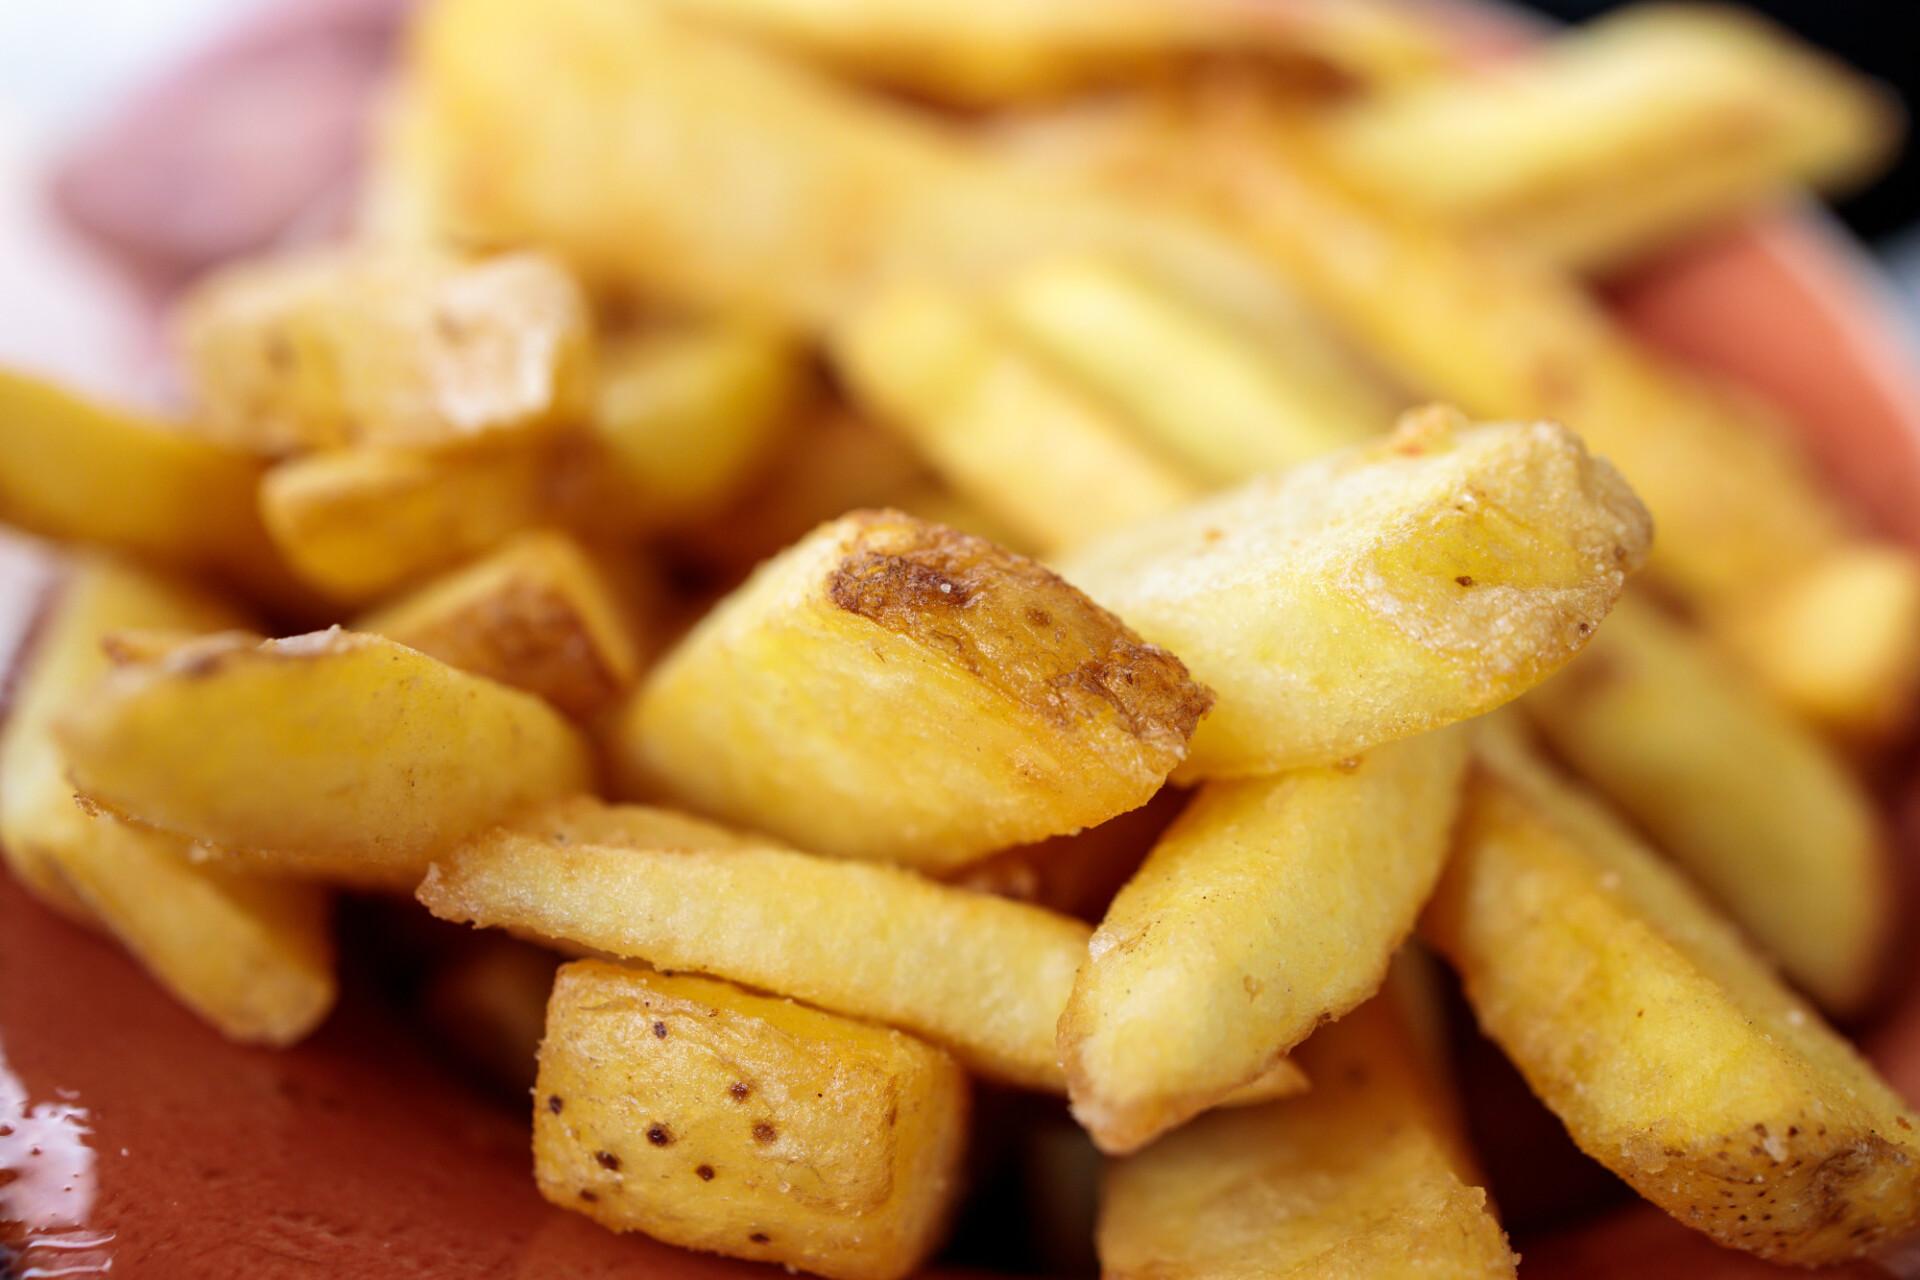 Tasty golden fries